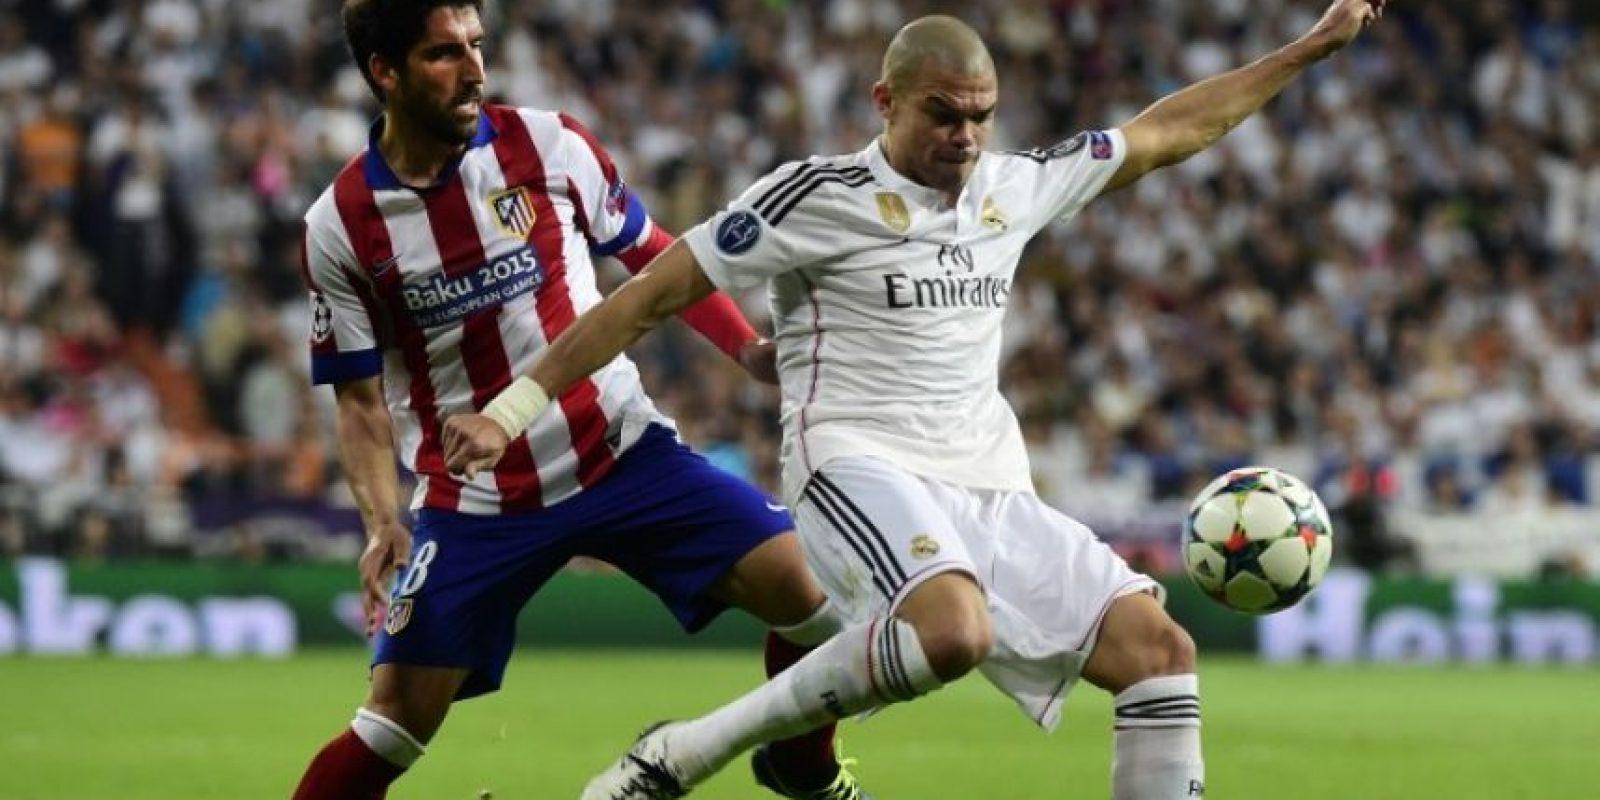 Con el gol de Hernández, el Madrid consiguió en forma agónica su acceso a la siguiente ronda. Foto:AFP